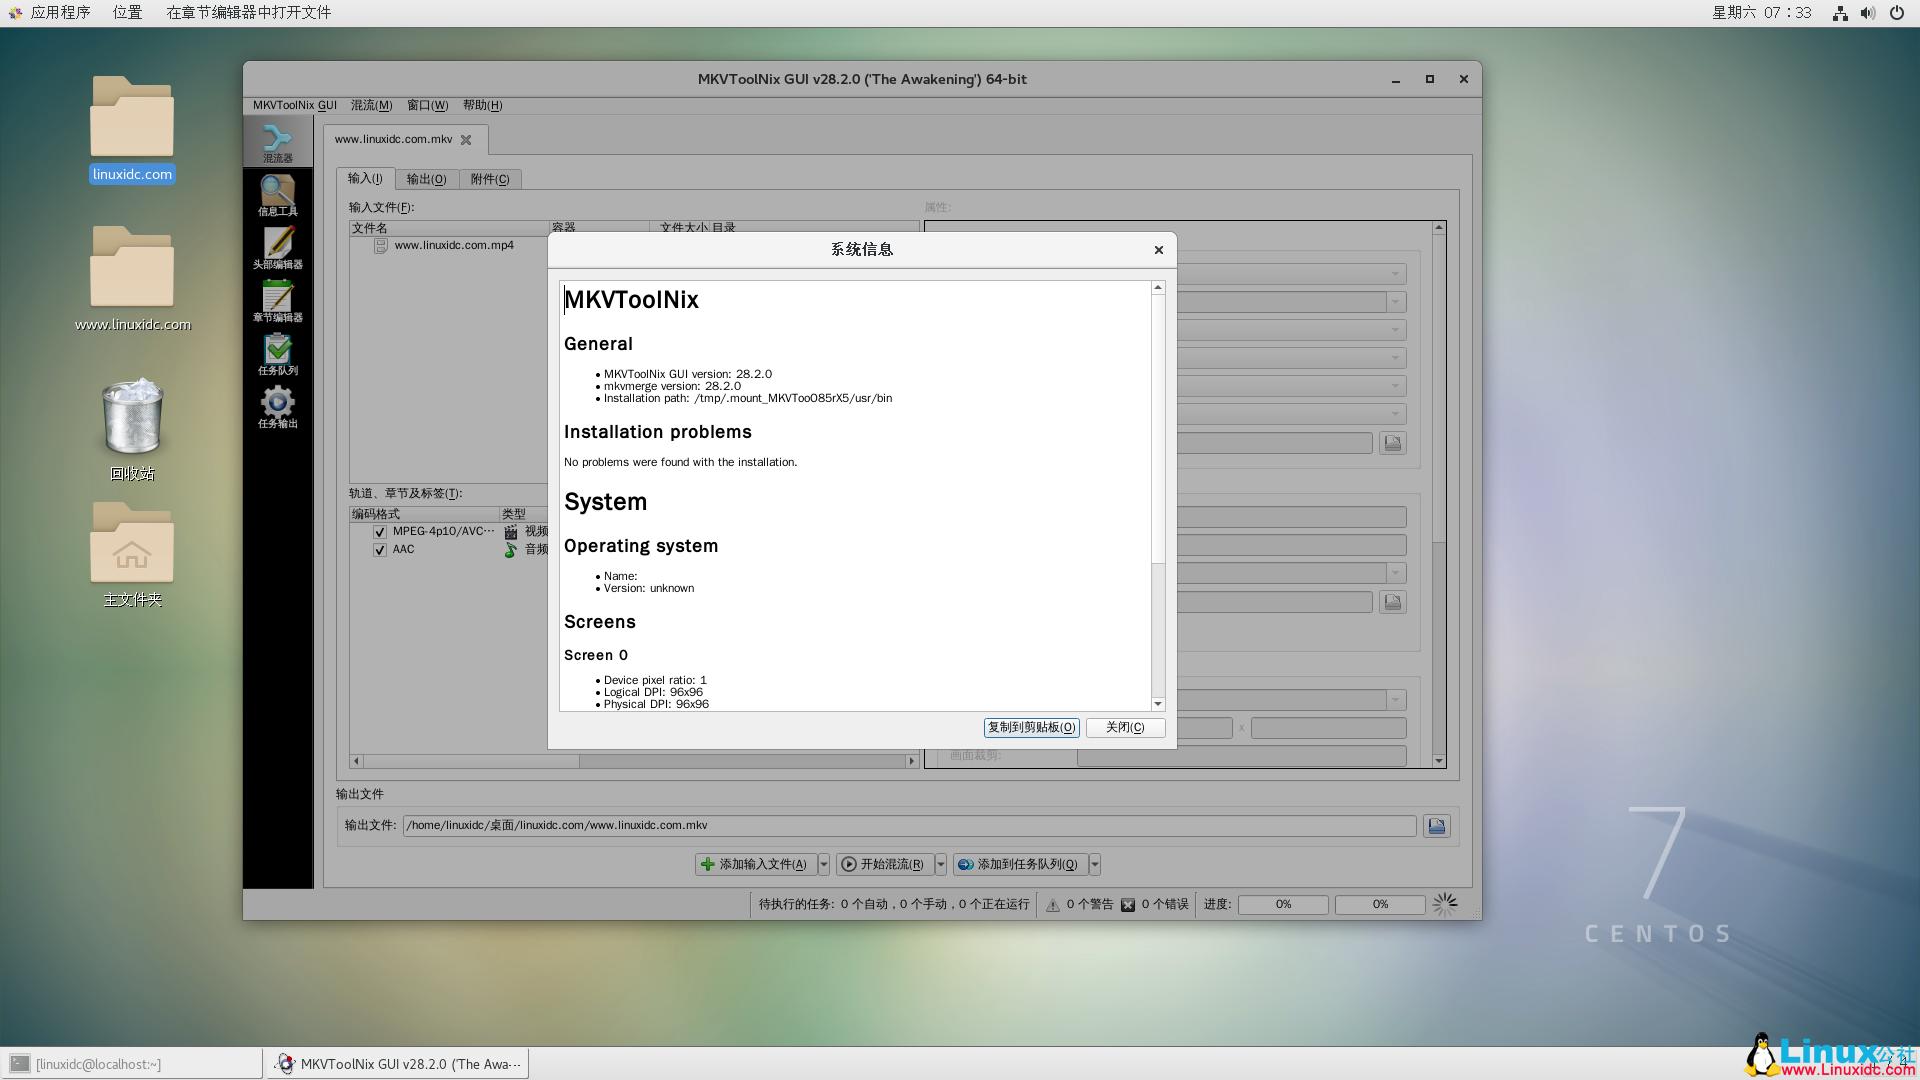 Linux下安装MKVToolNix v28.2.0详细教程